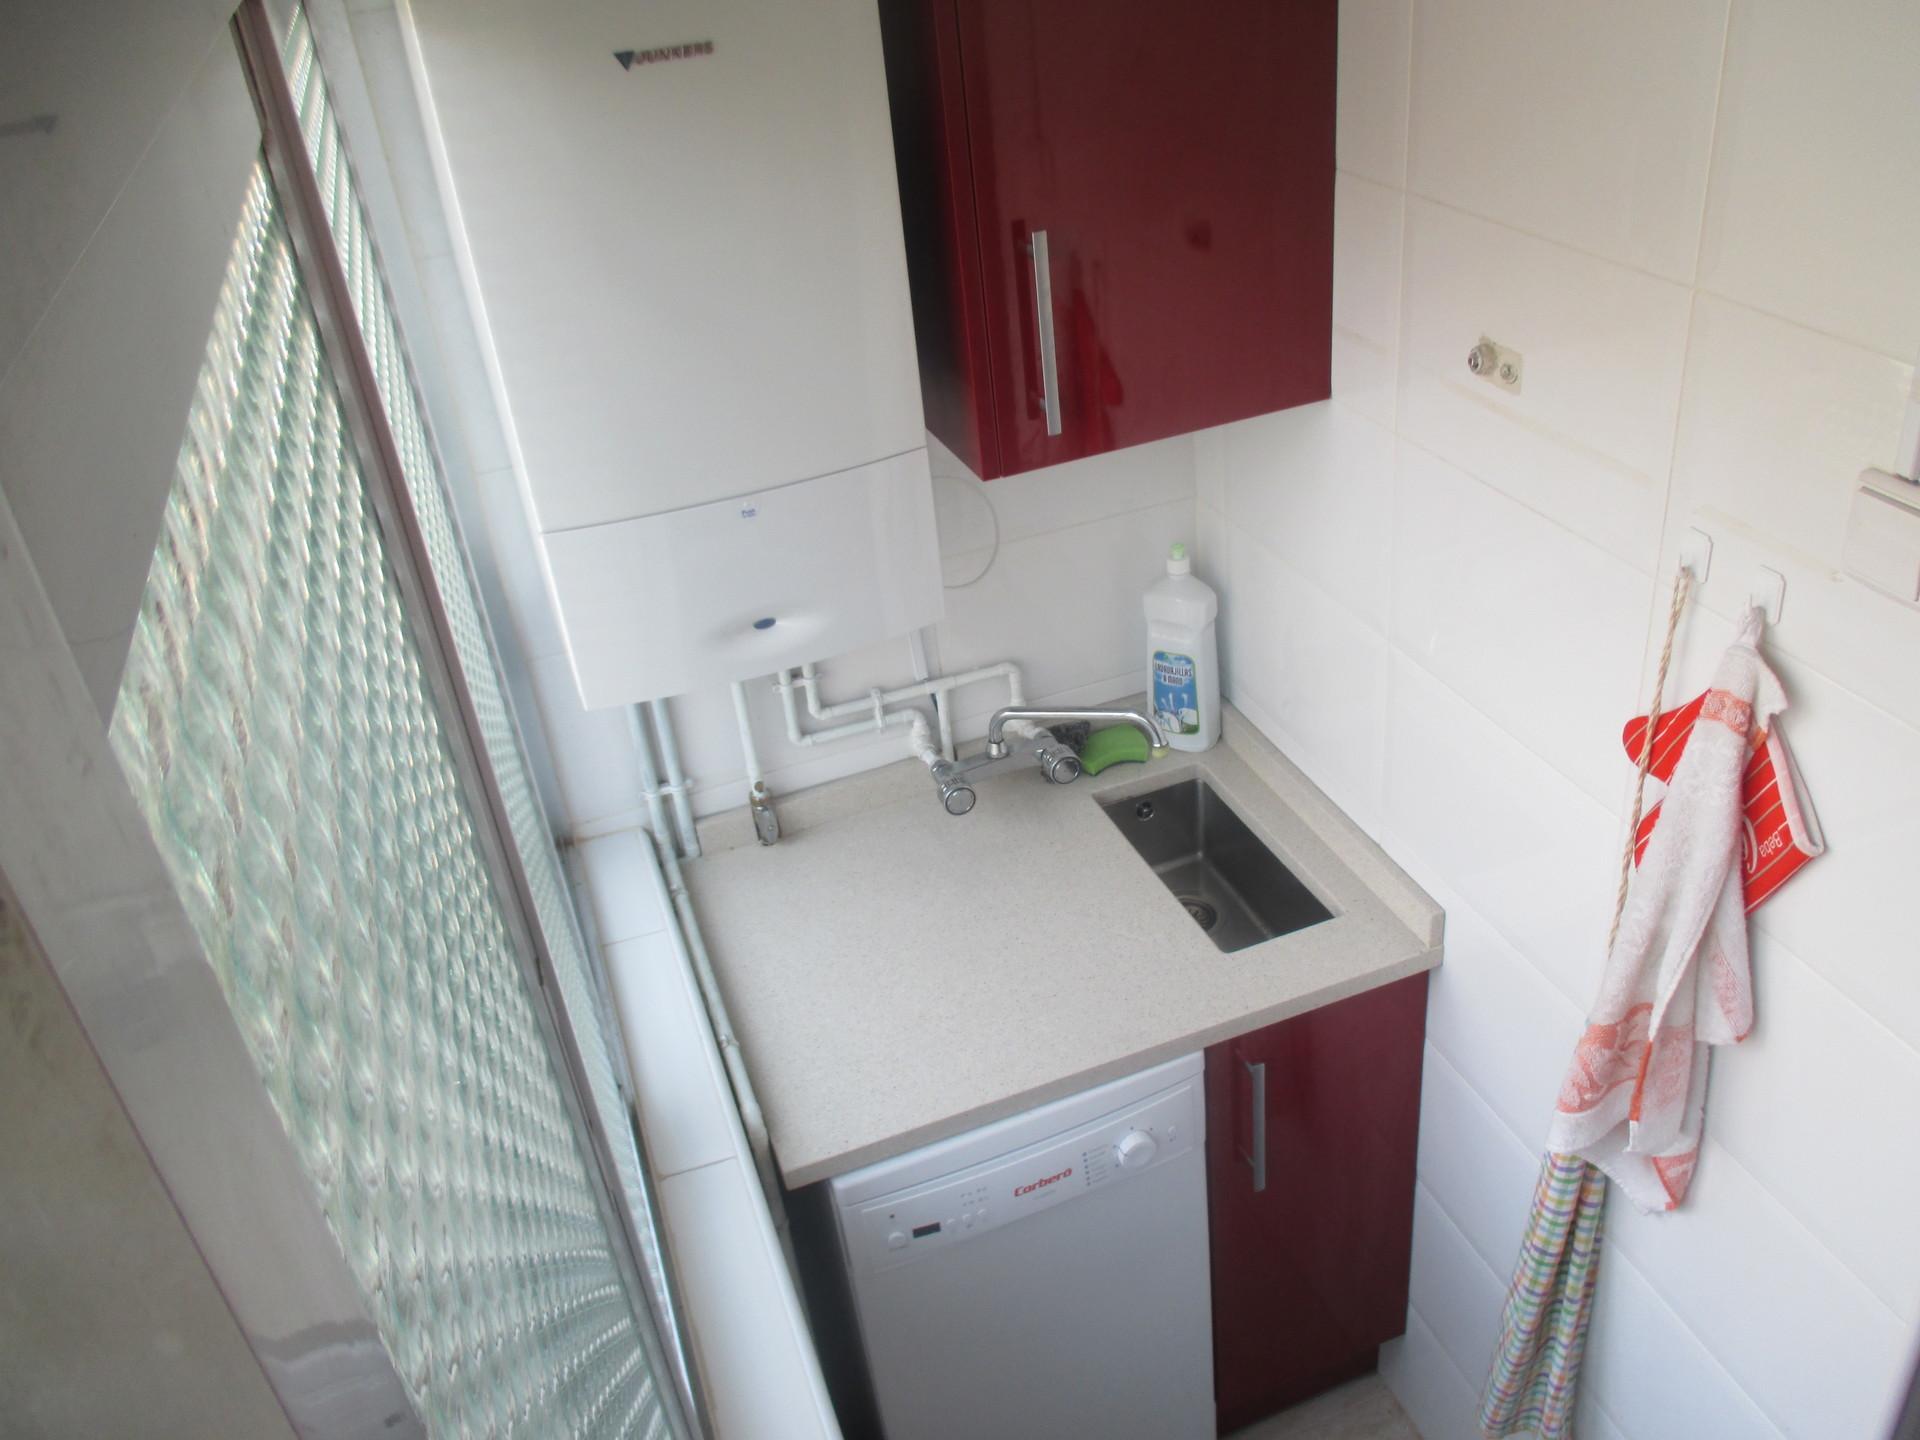 Piso barato en madrid chica limpia y tranquila alquiler habitaciones madrid - Alquiler pisos en madrid baratos ...